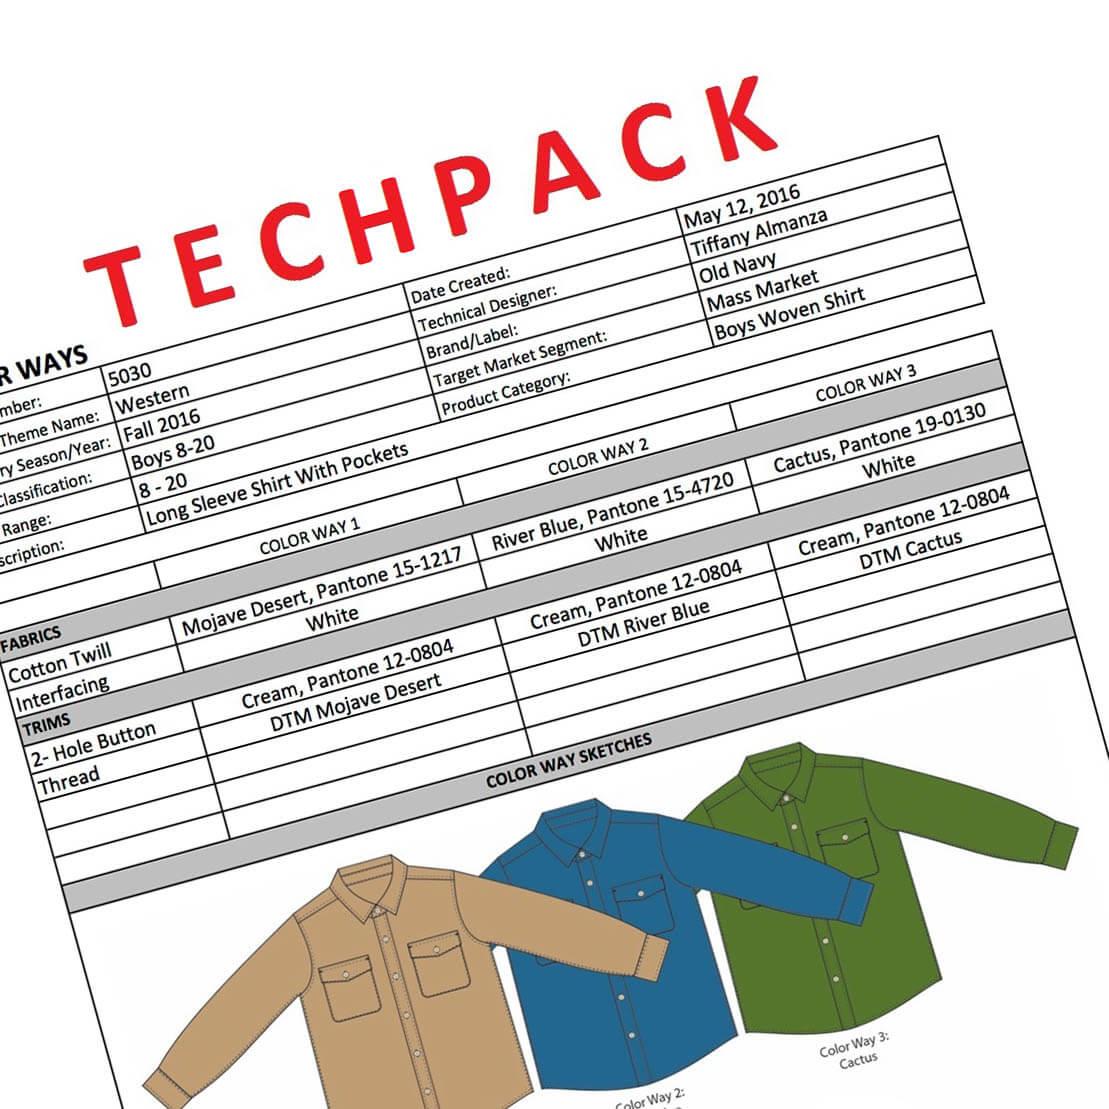 tech pack - data sheet